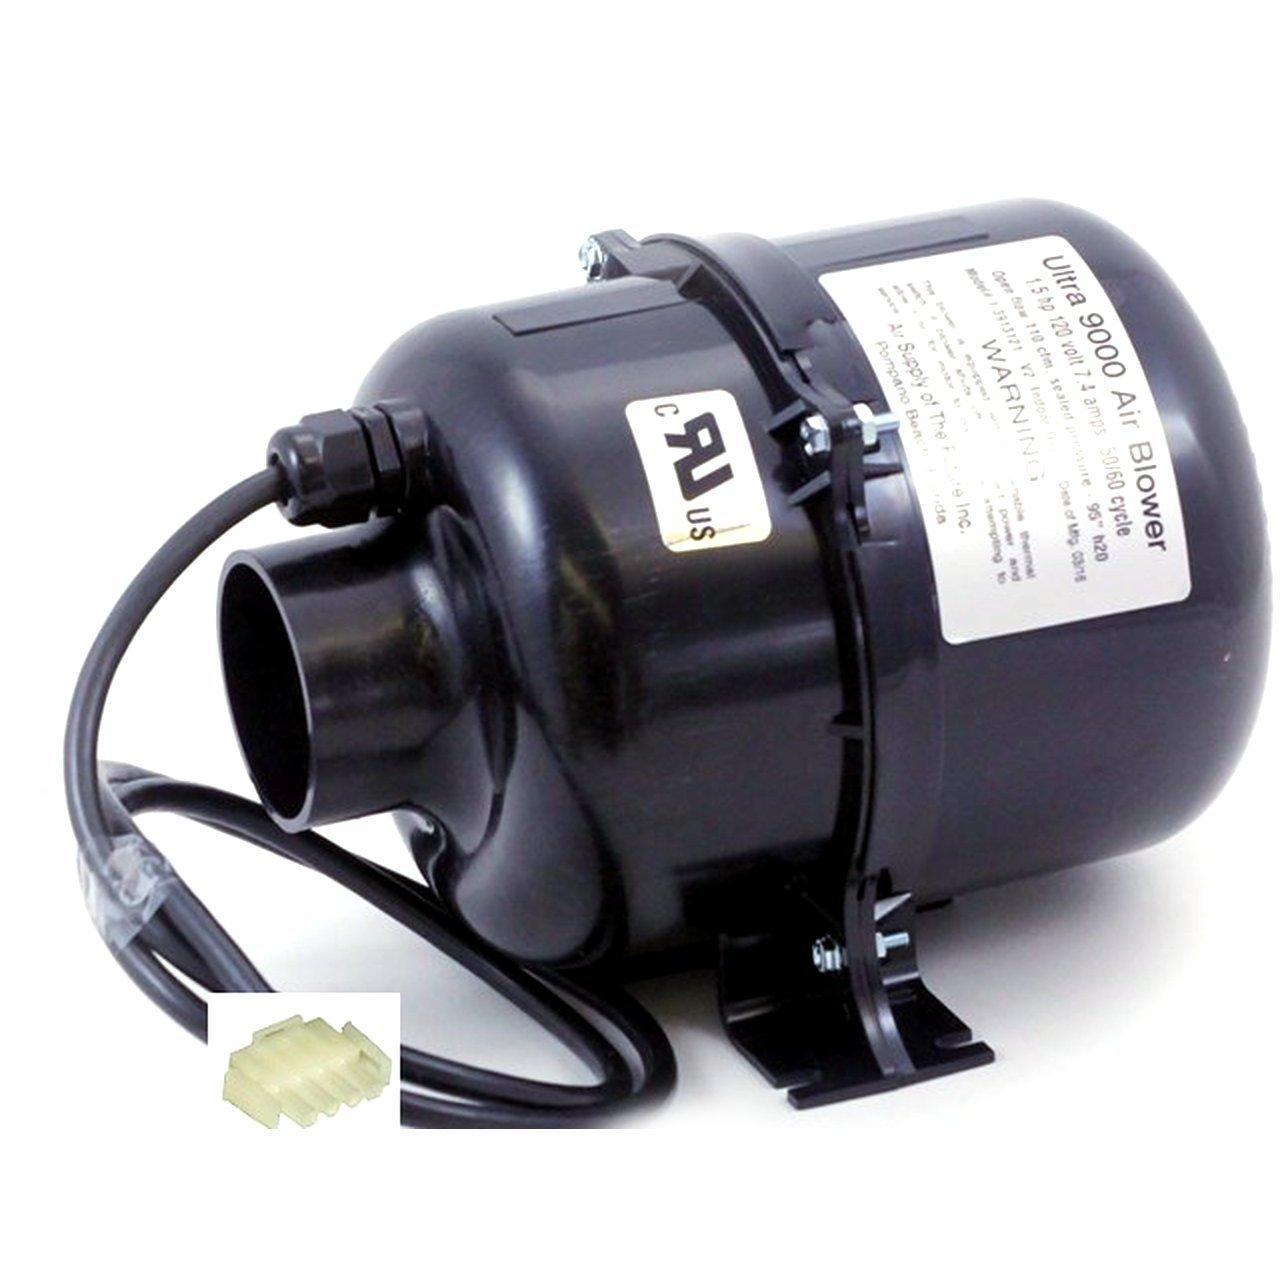 240V Air Supply 3910220 Air Blower Ultra 9000 1.0 hp 2.4 Amp